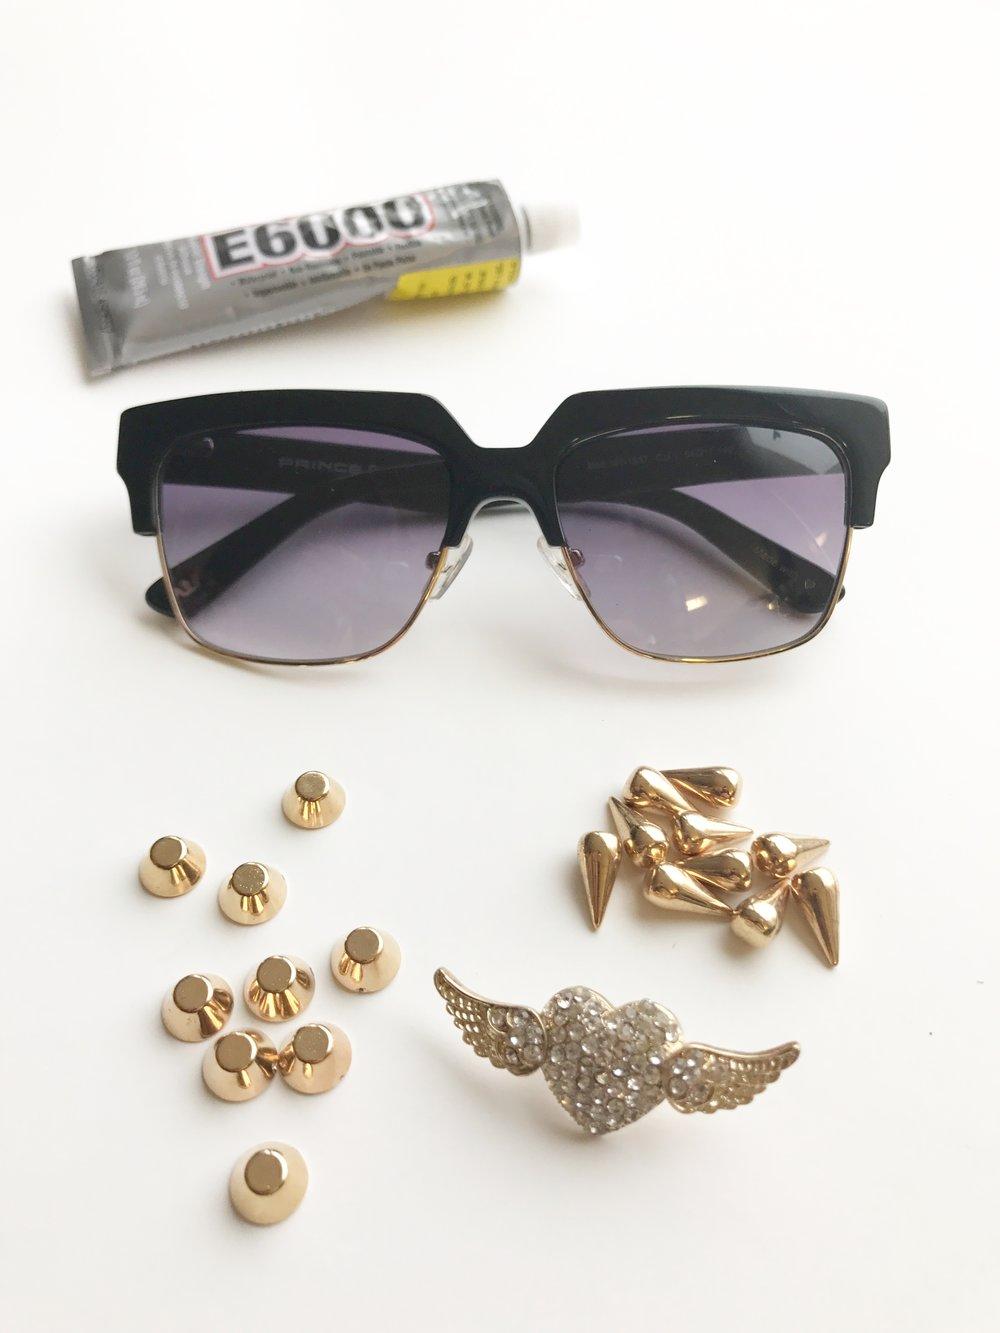 פרינס: משקפי שמש, 690₪   אבגד: דבק בינוני -20₪ (E600), ניטים בצורת חרוט– 7.9 ₪ ל-10 יחידות, ניטים עגולים -7.9 ֿל–10 יחידות, לב עם כנפיים - 3.5 ₪ ליחידה